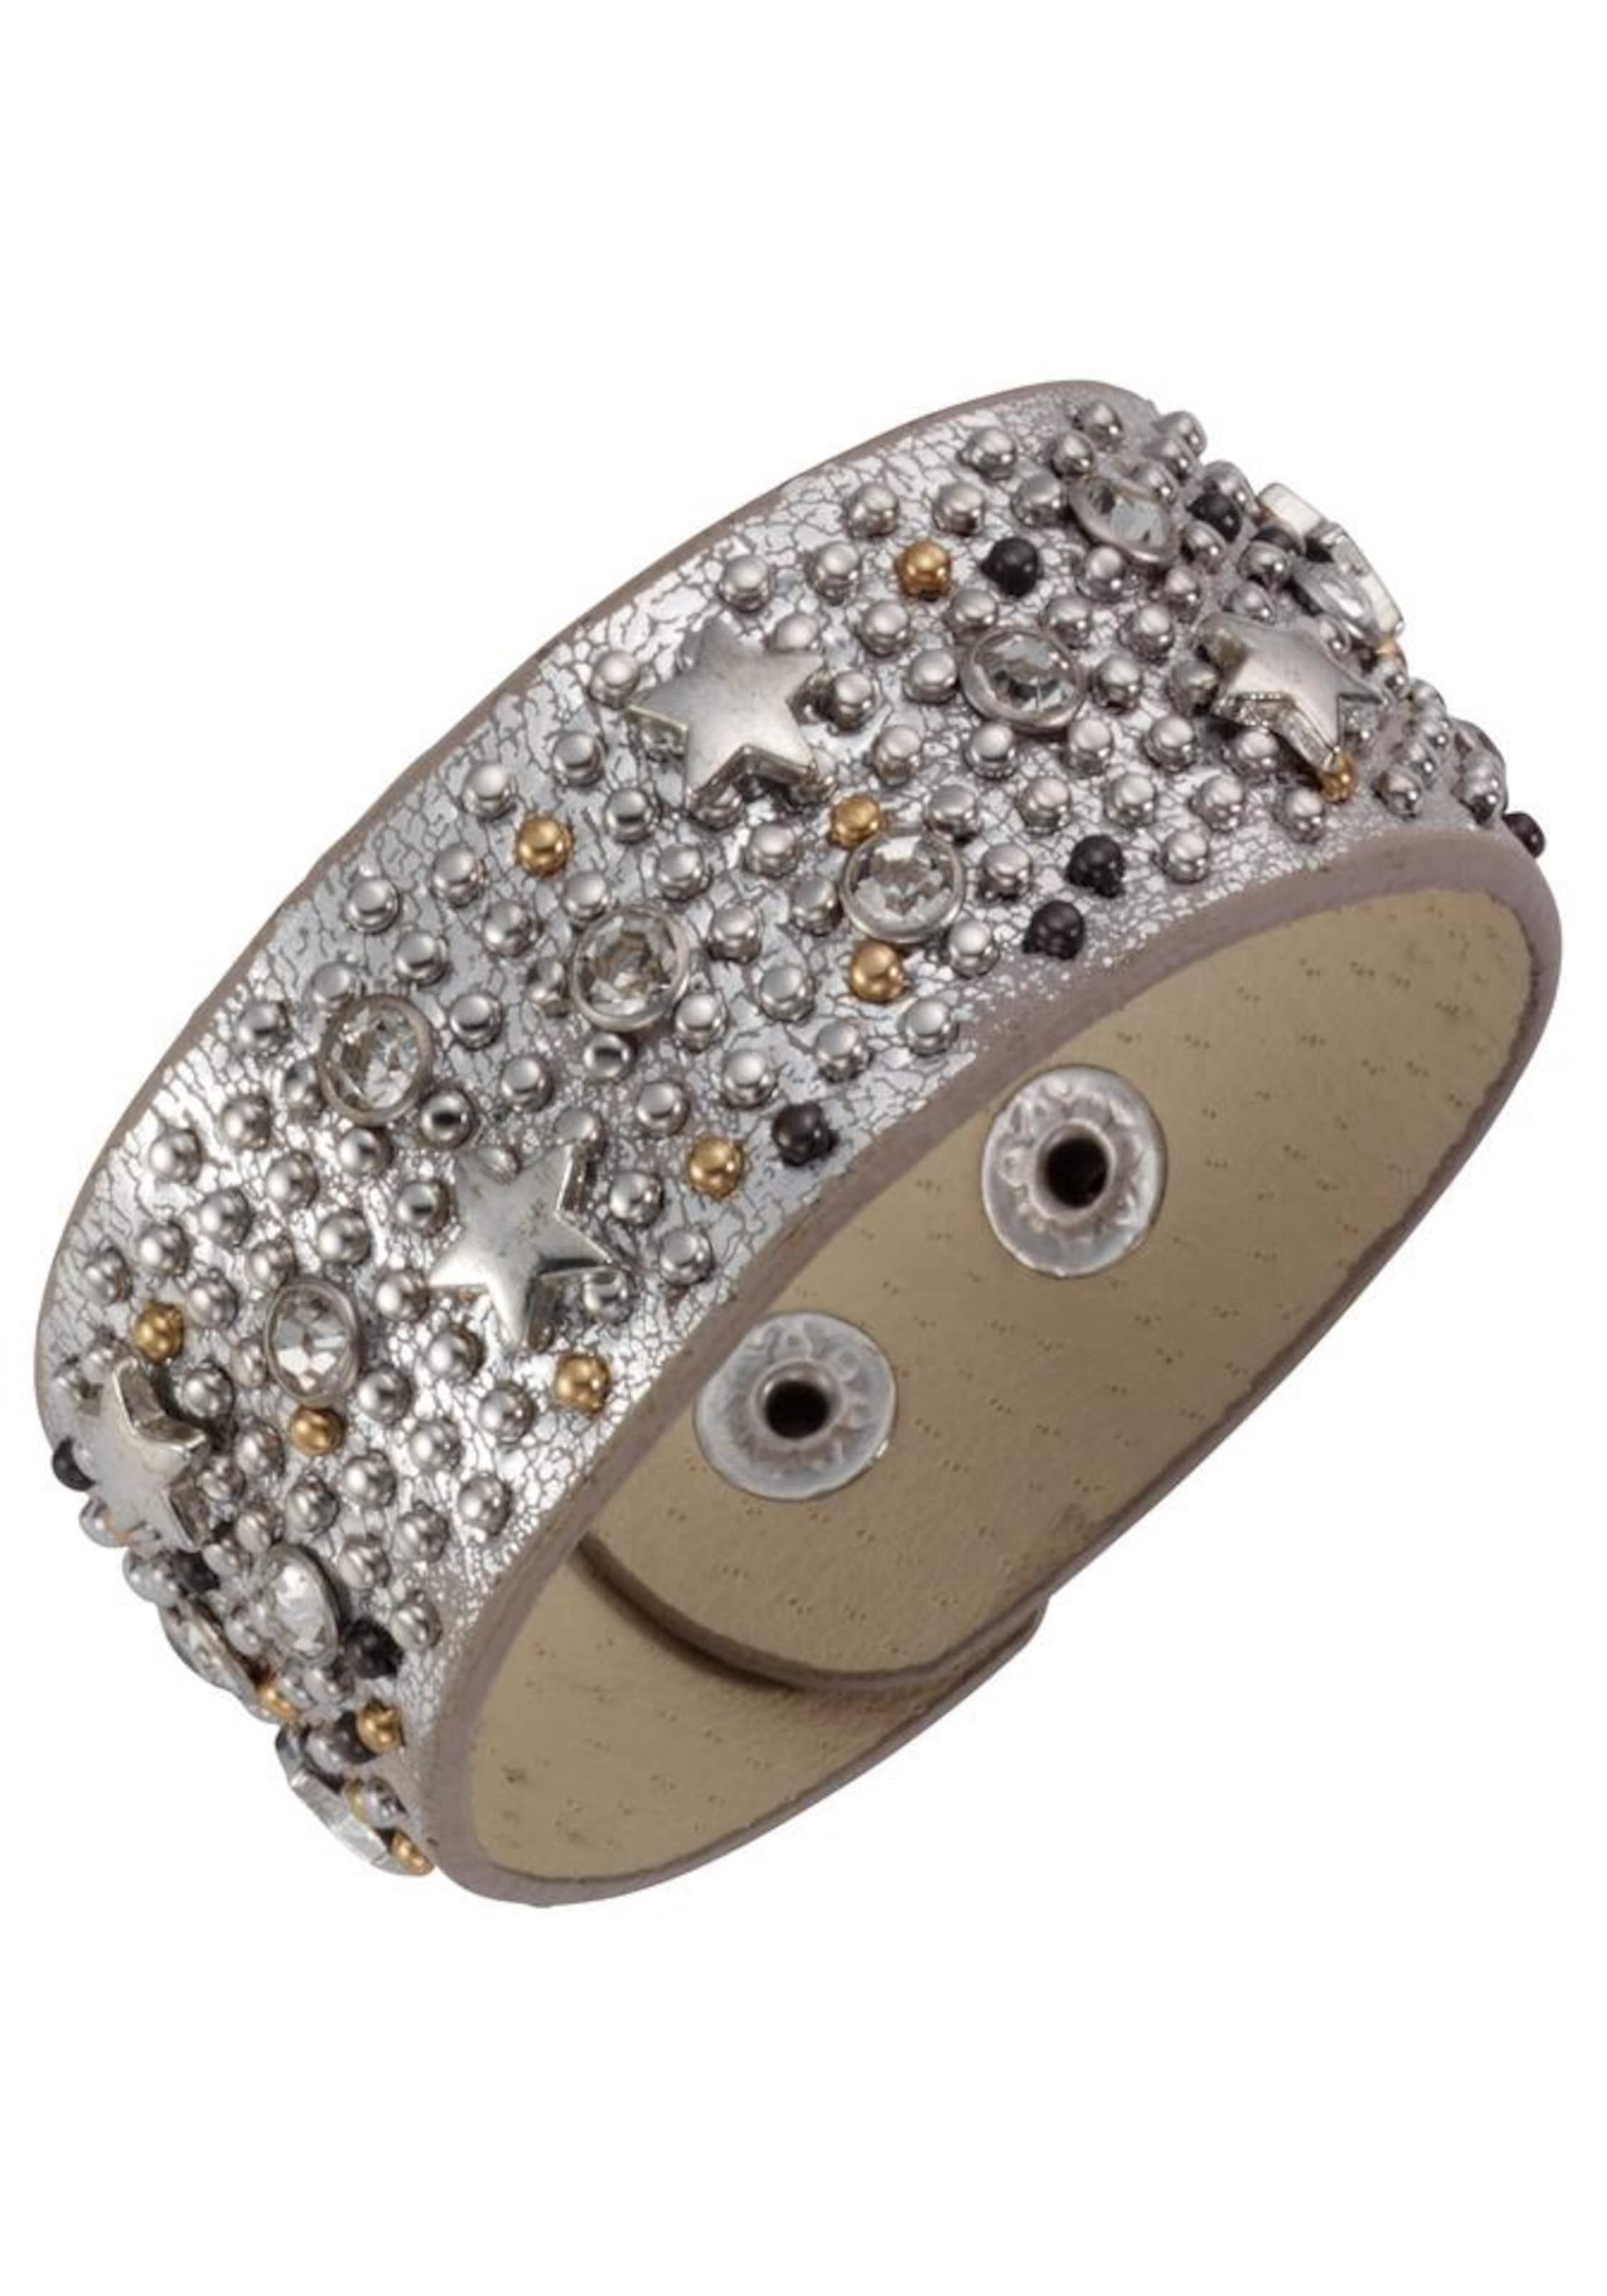 '139 GoldSilber In JJayz Armband 132' Weiß xQrtshdCB